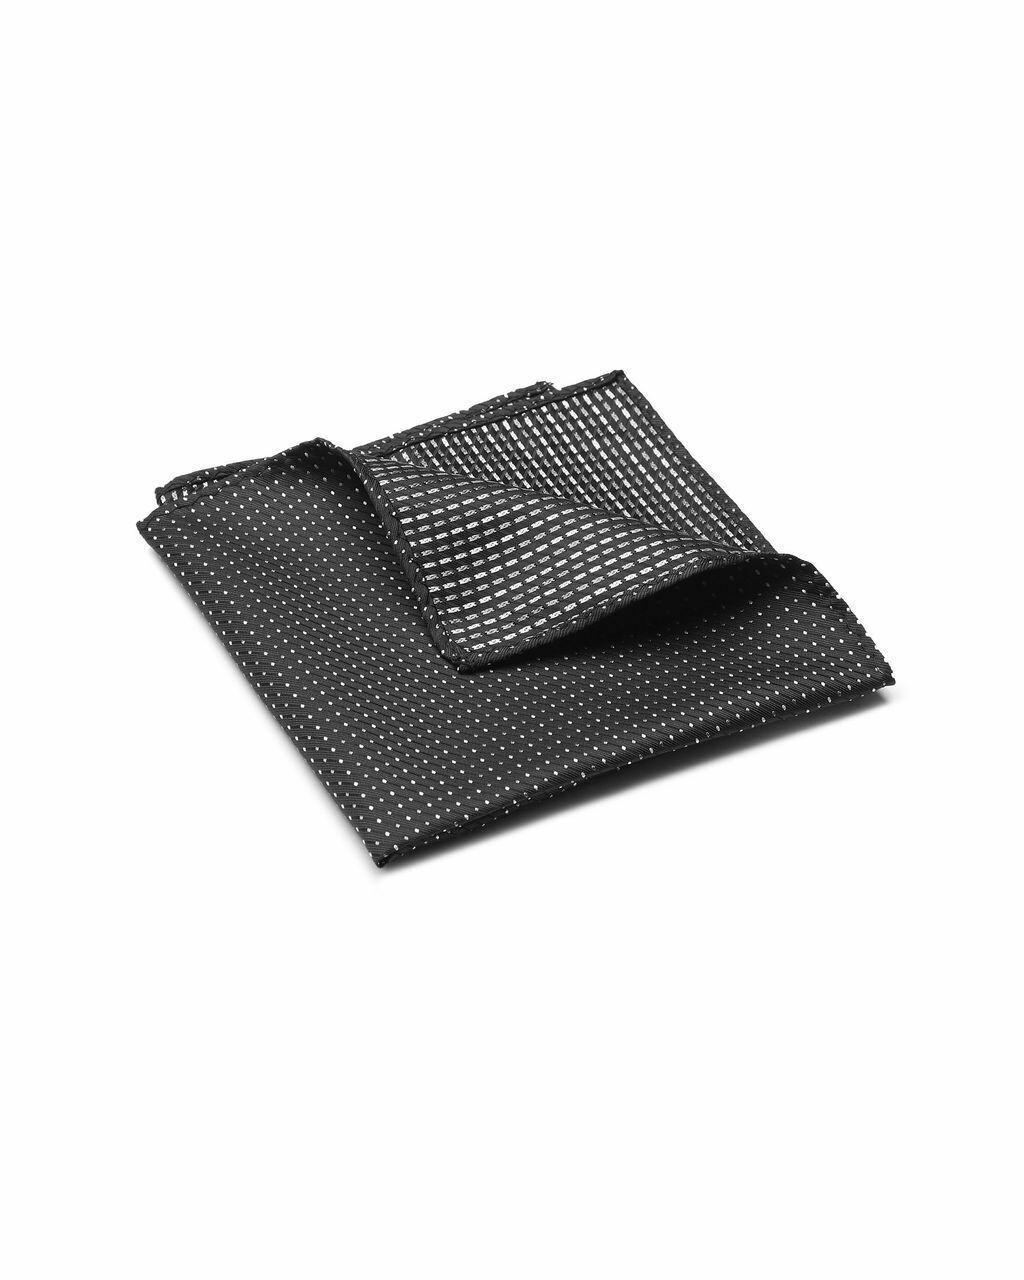 Pocket Square, Micro Dot, Black